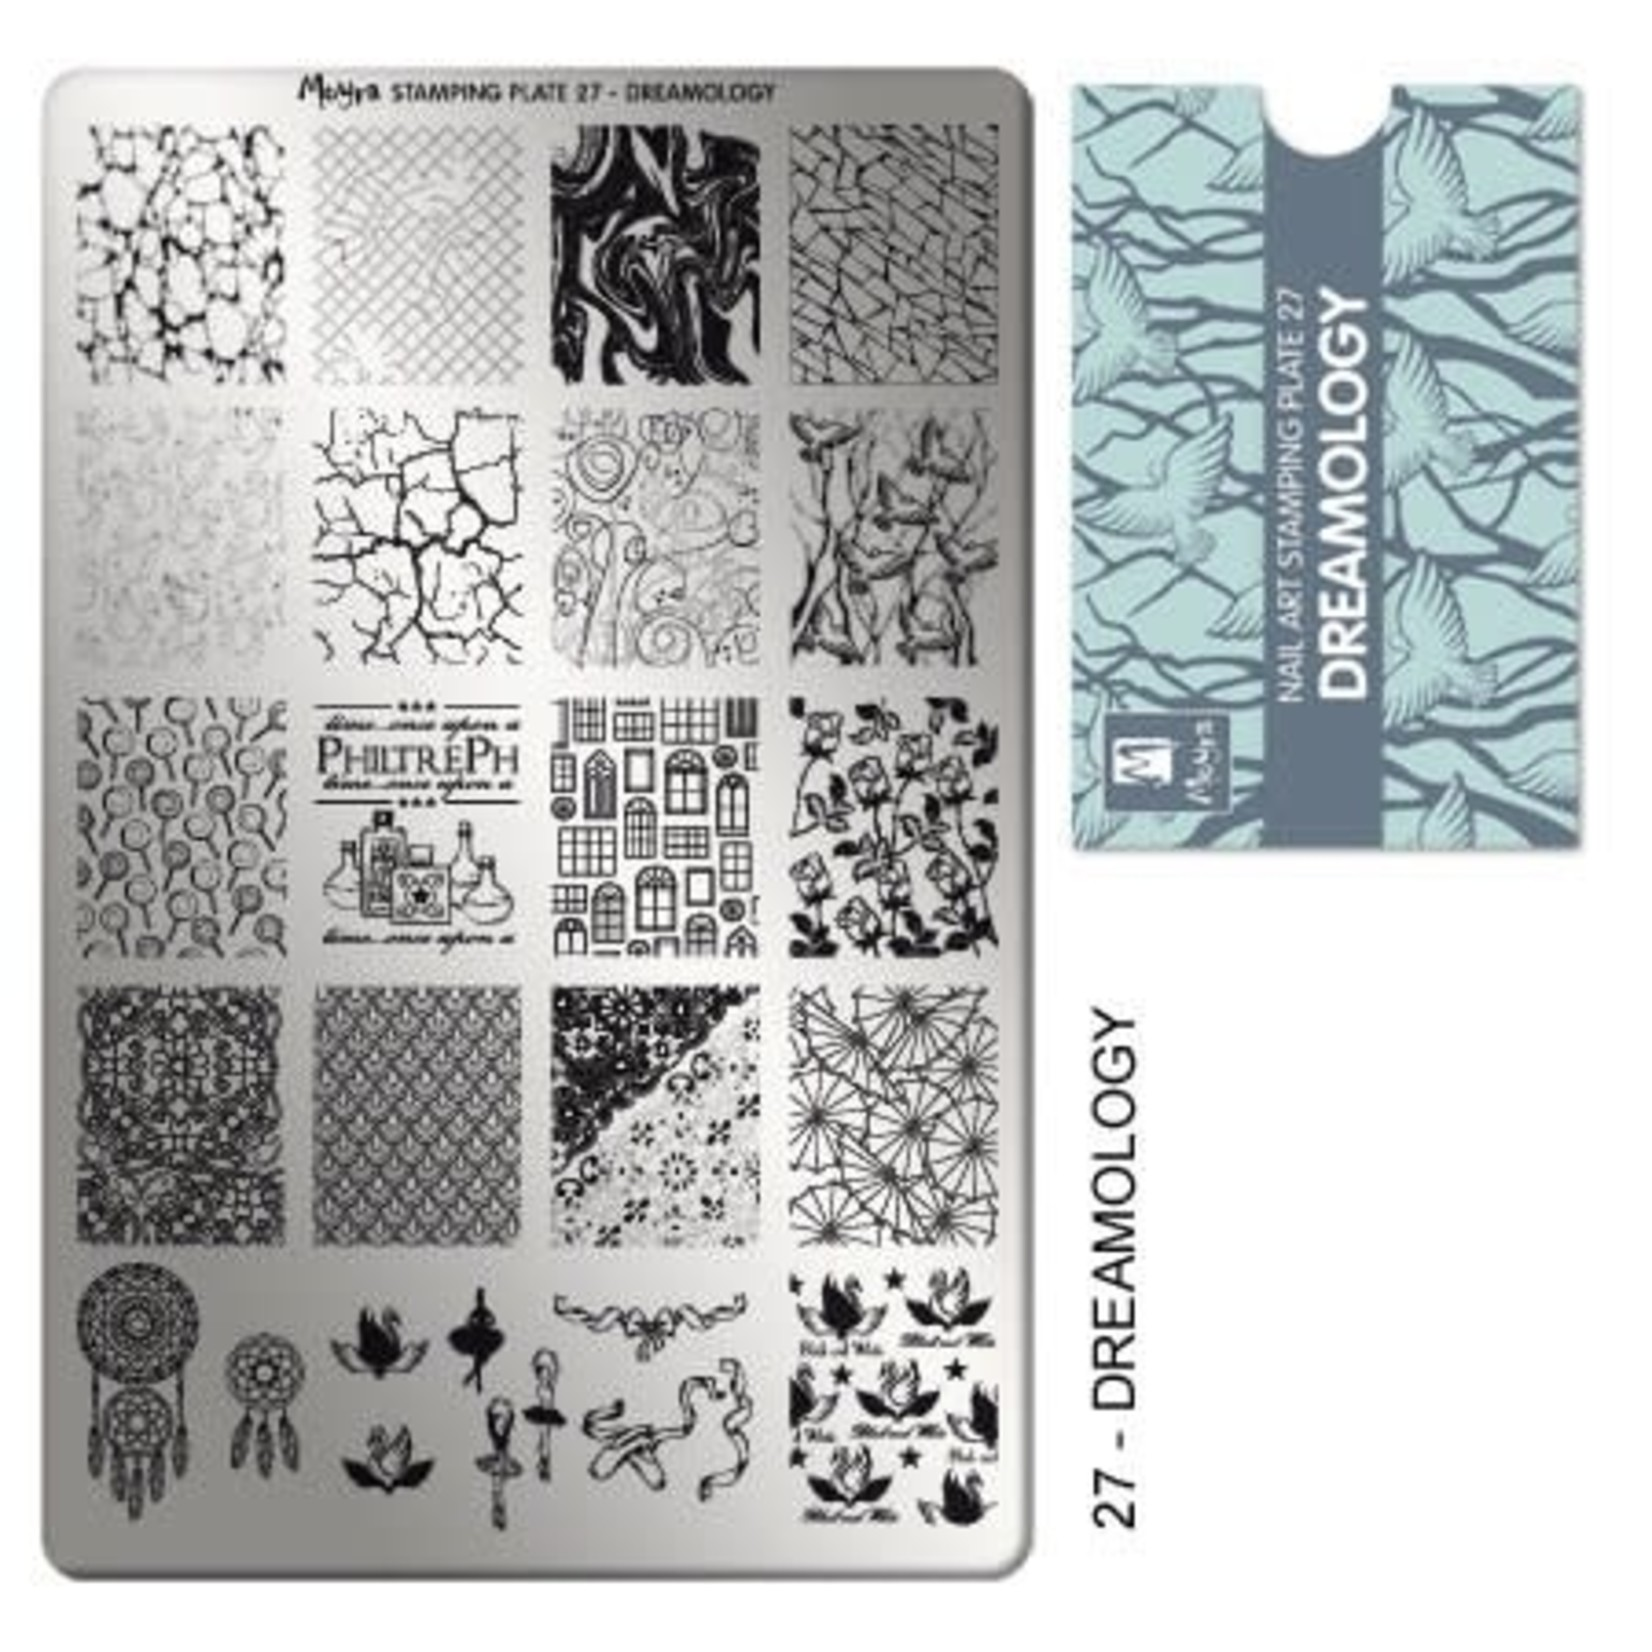 Moyra Moyra Stamping plate 27 Dreamology